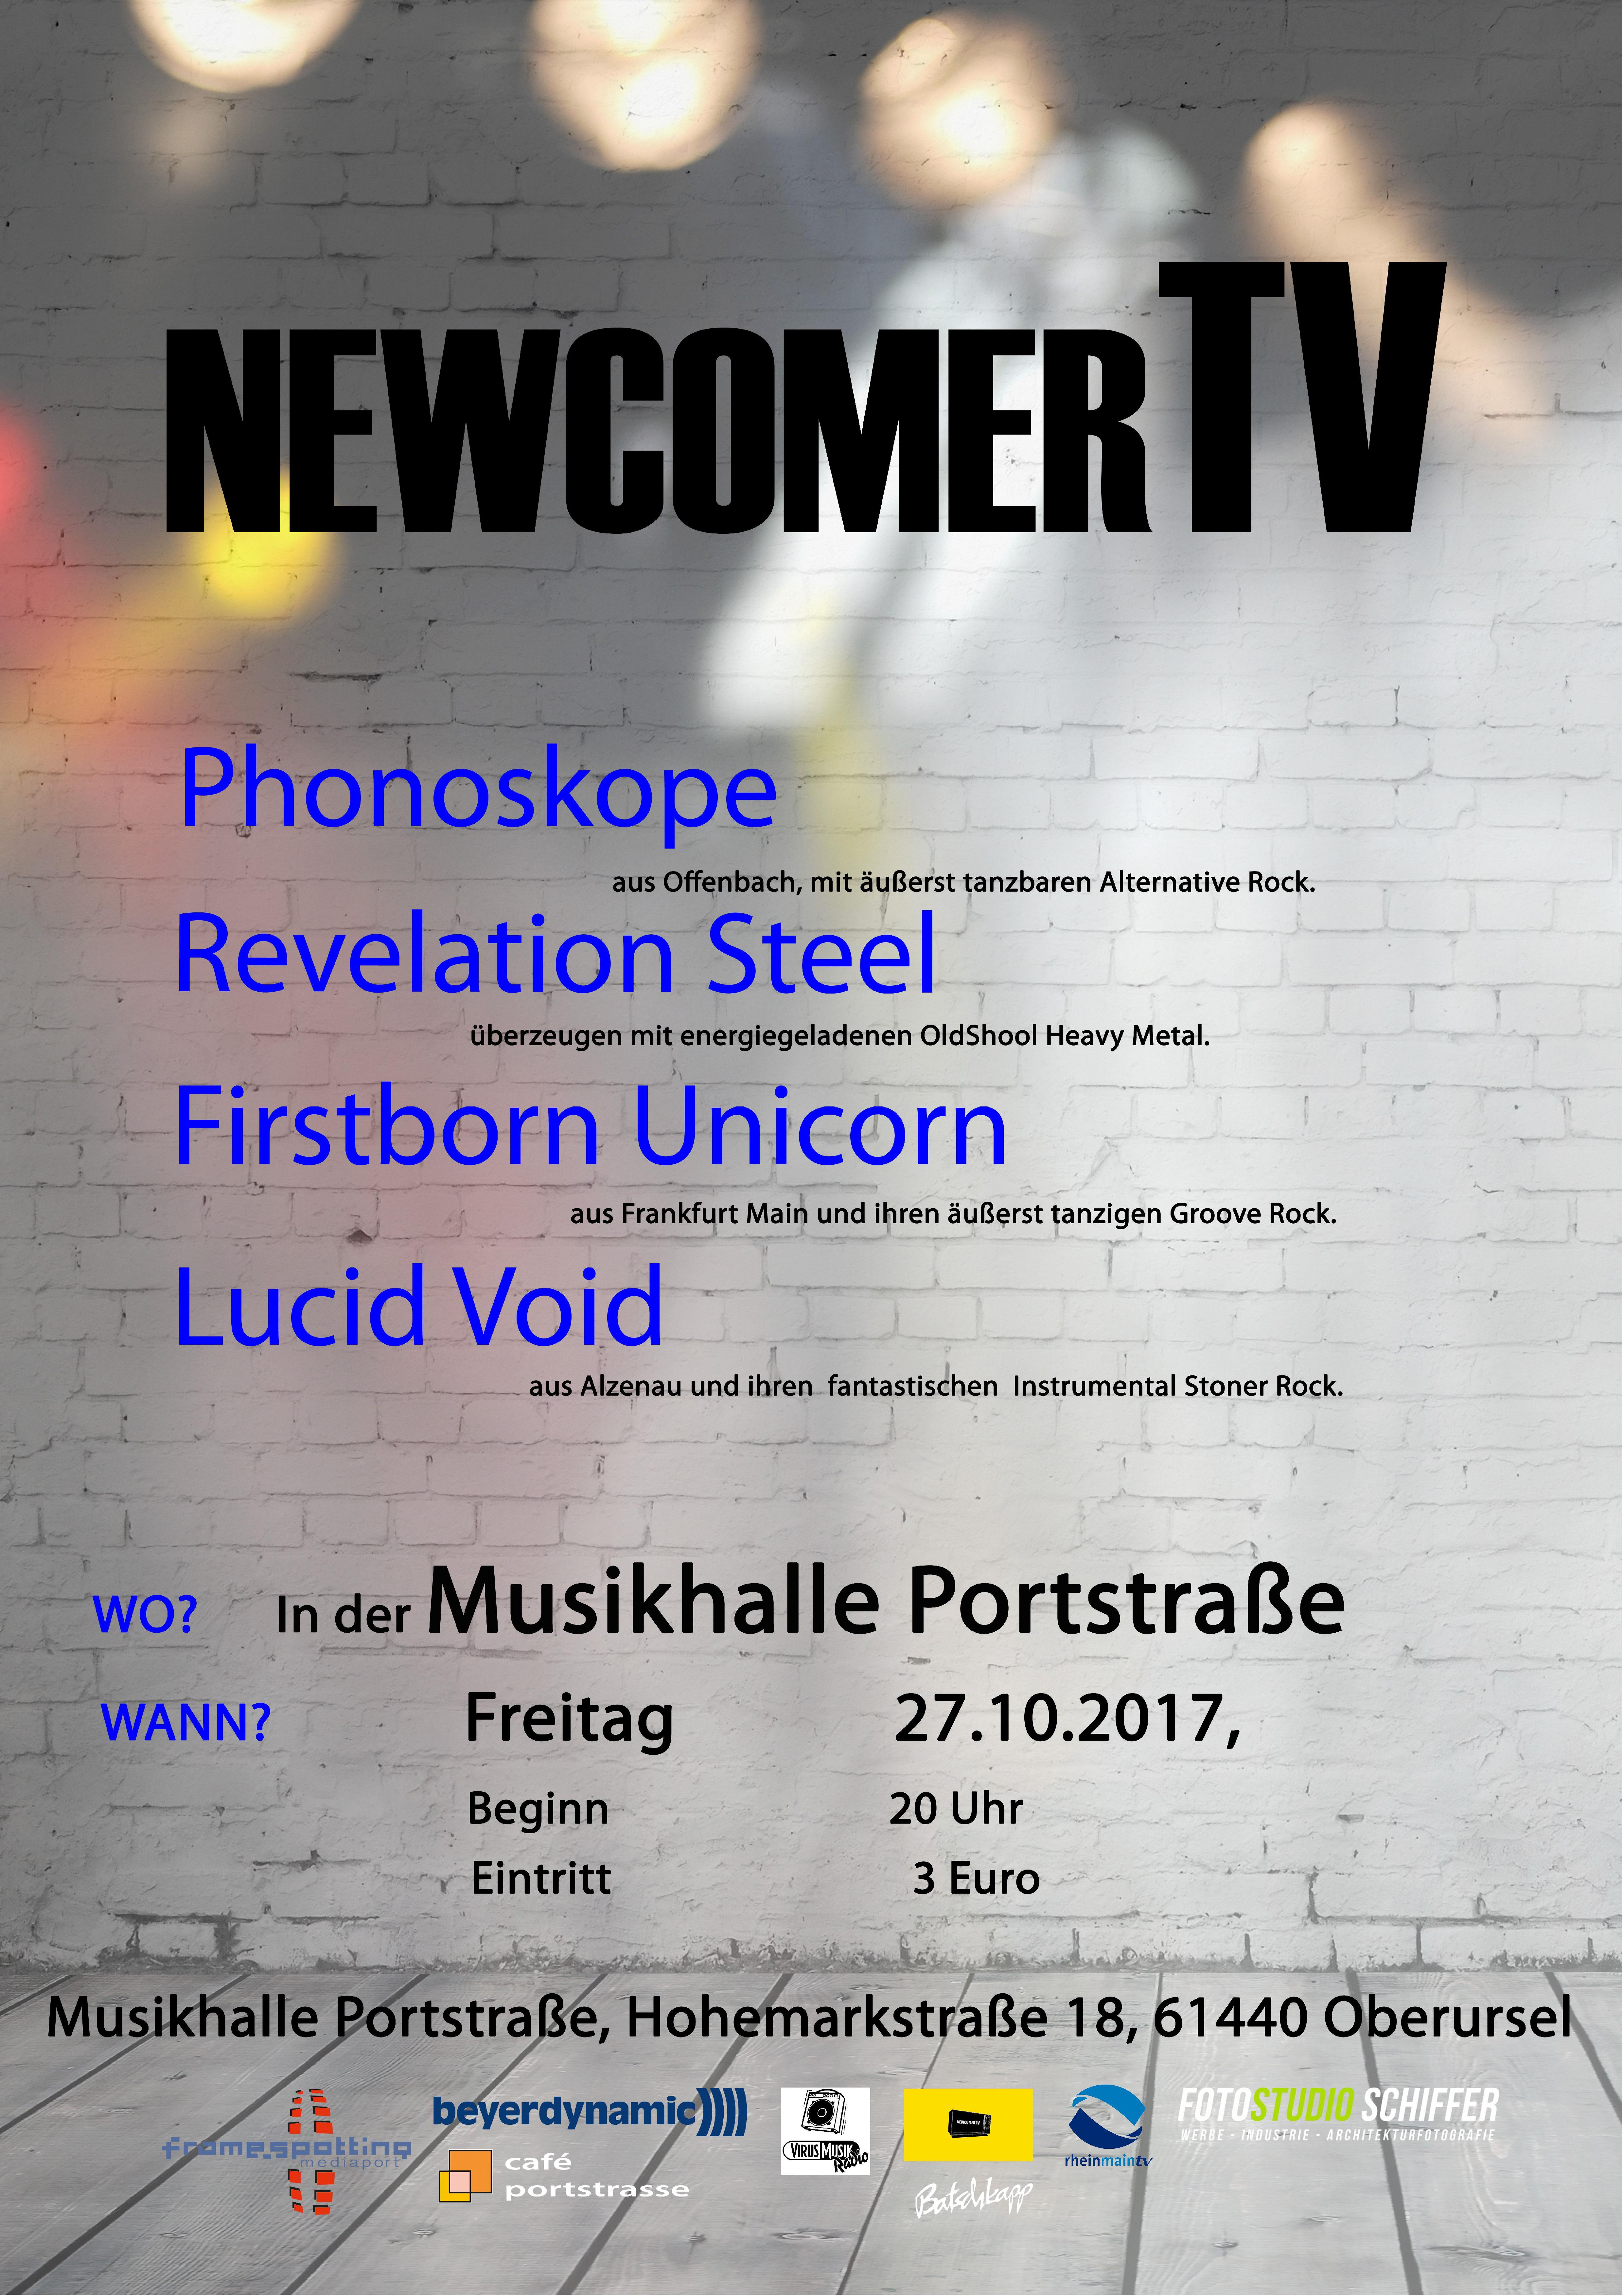 Die sechste NewcomerTV Nacht in der Musikhalle Portstrasse